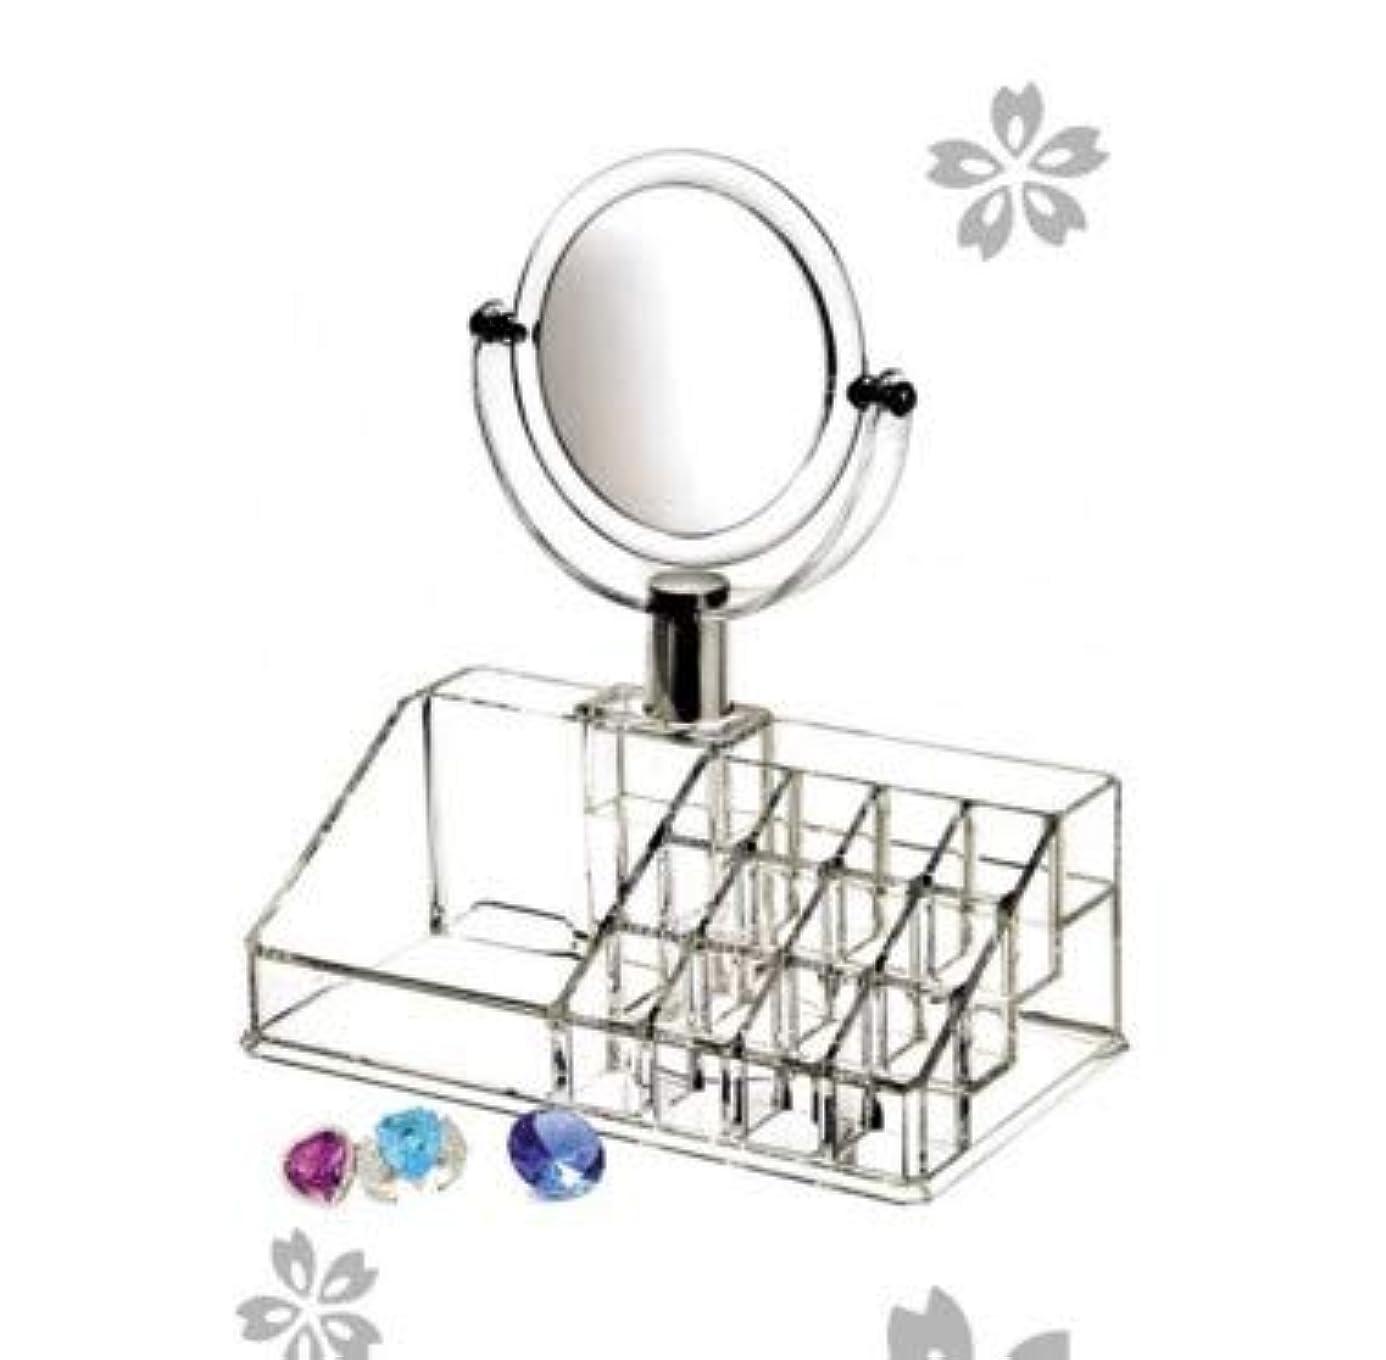 拍手去る魅力単層デスクトップ収納ボックス化粧品ケース透明化粧品収納ボックススキンケア収納ラック